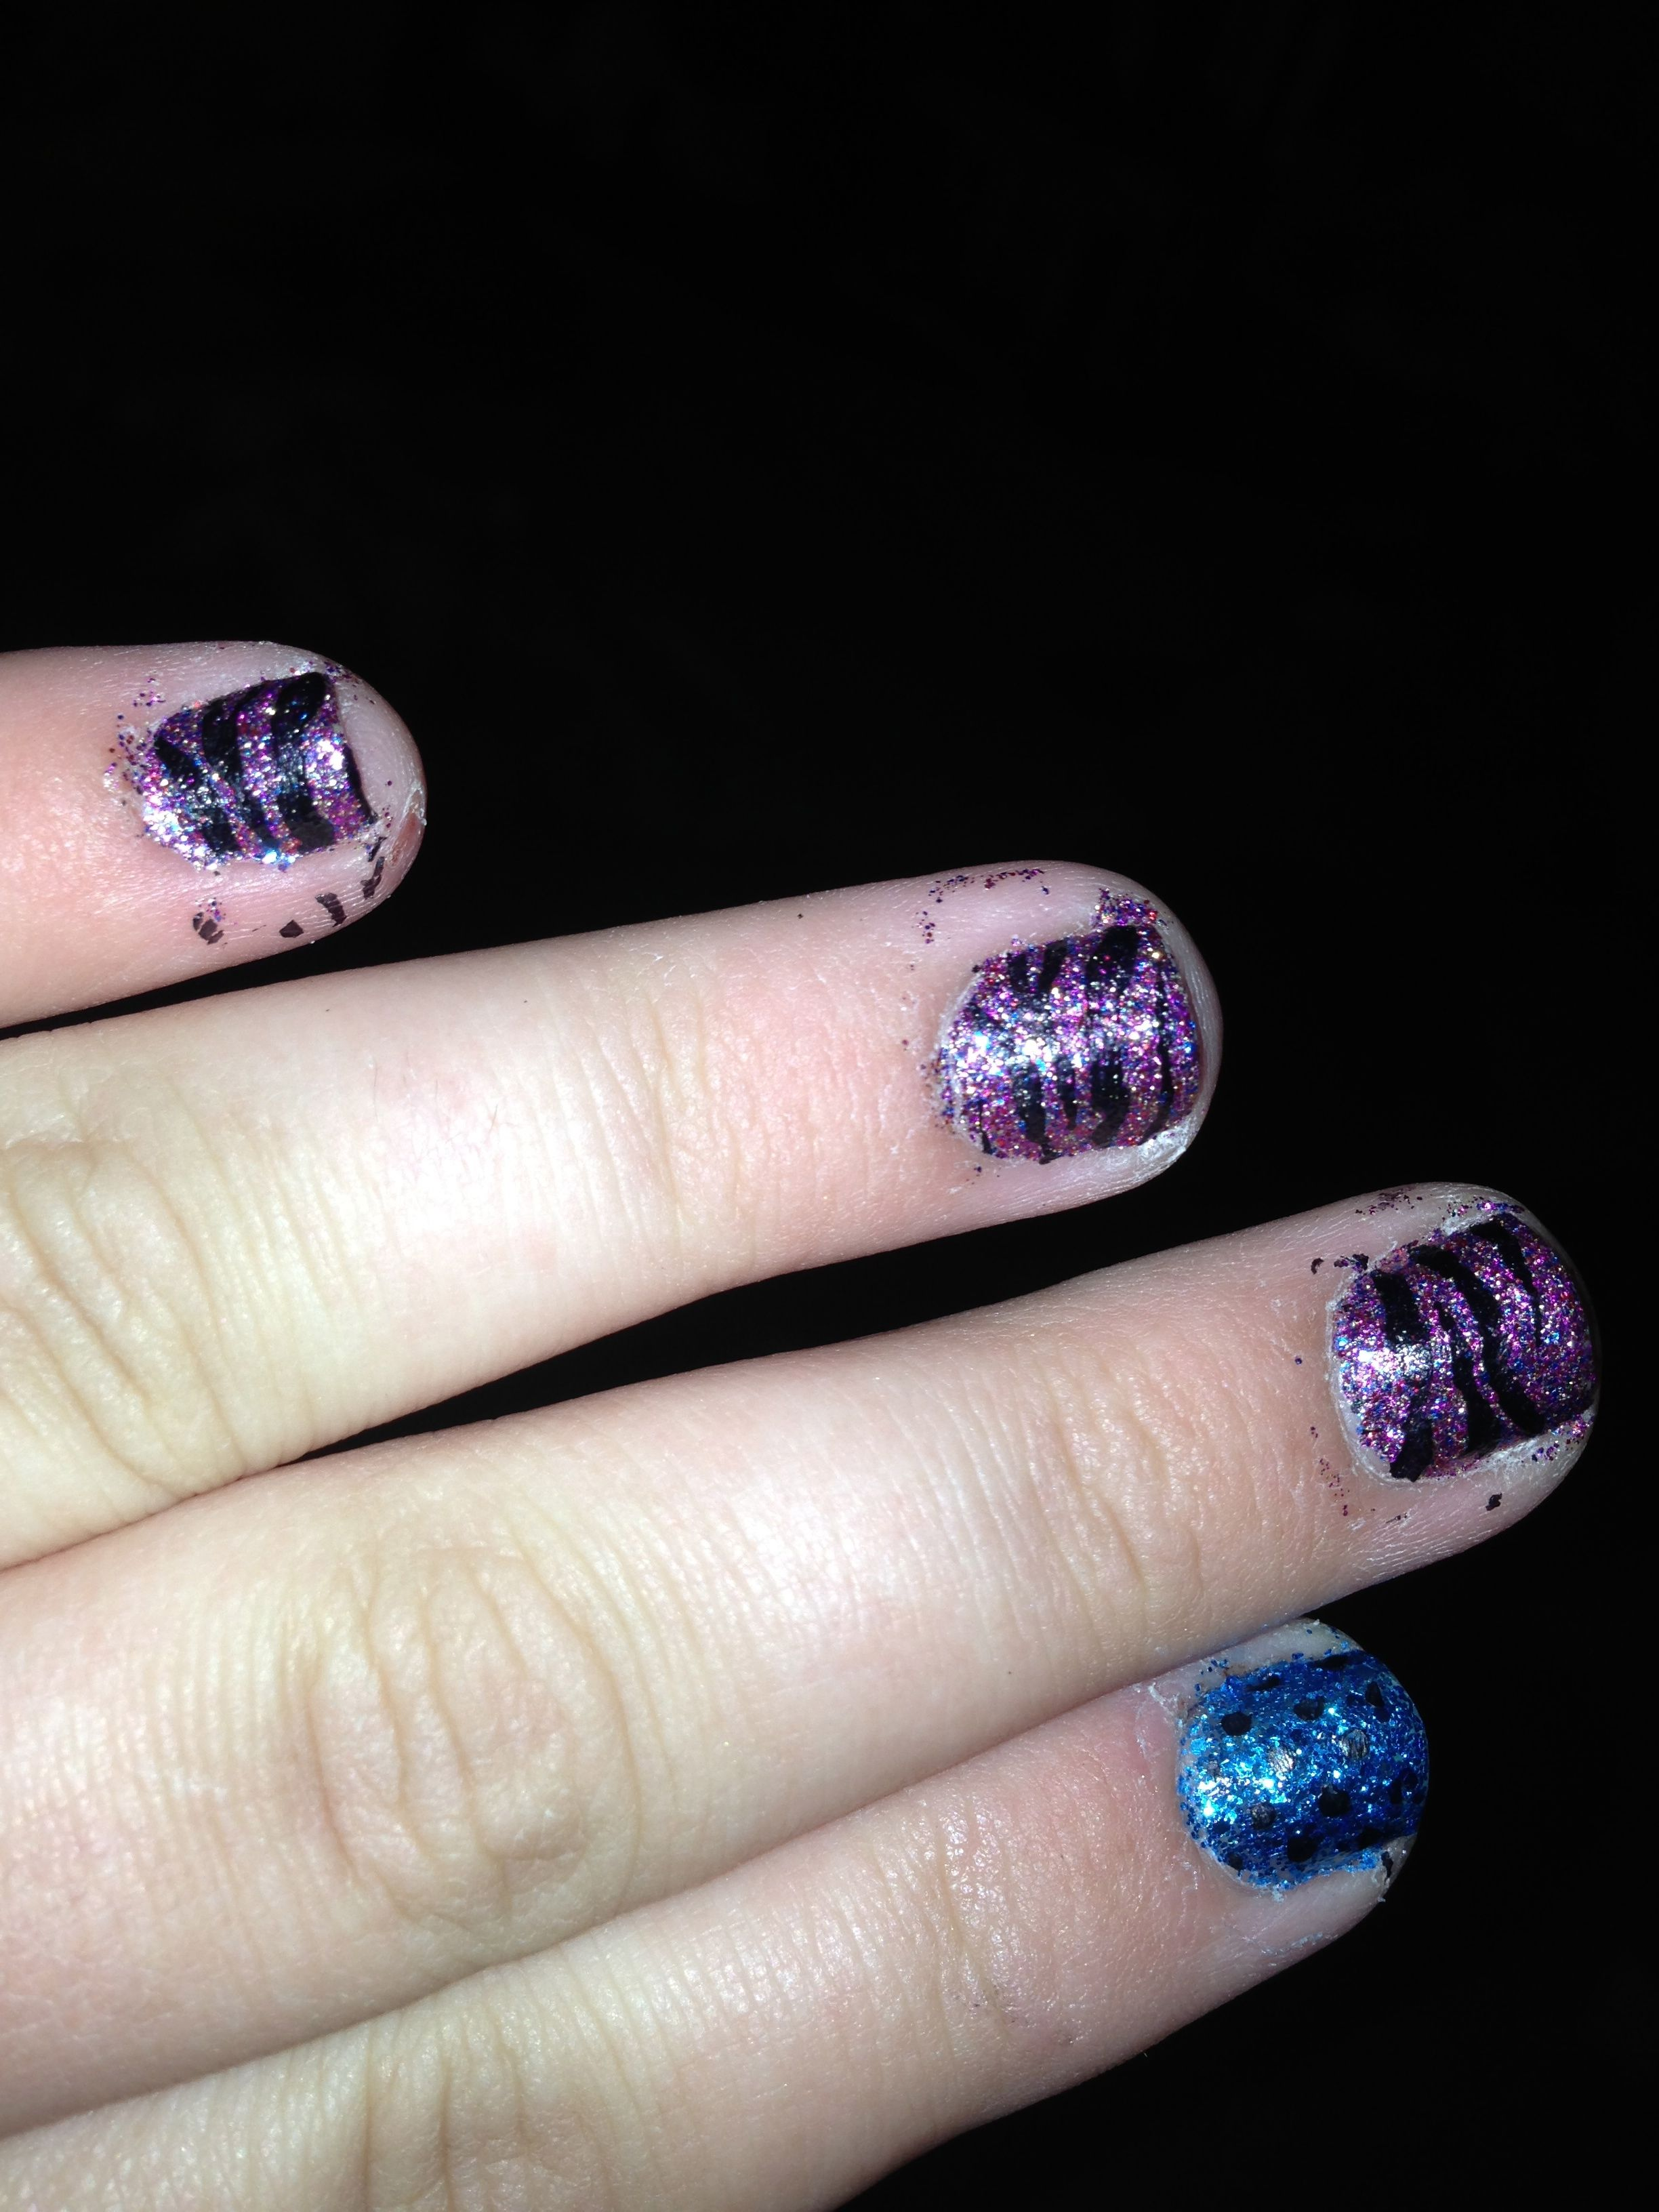 Using my Salon Express Nail Stamping Kit, I stamped Kiss Nail Art ...